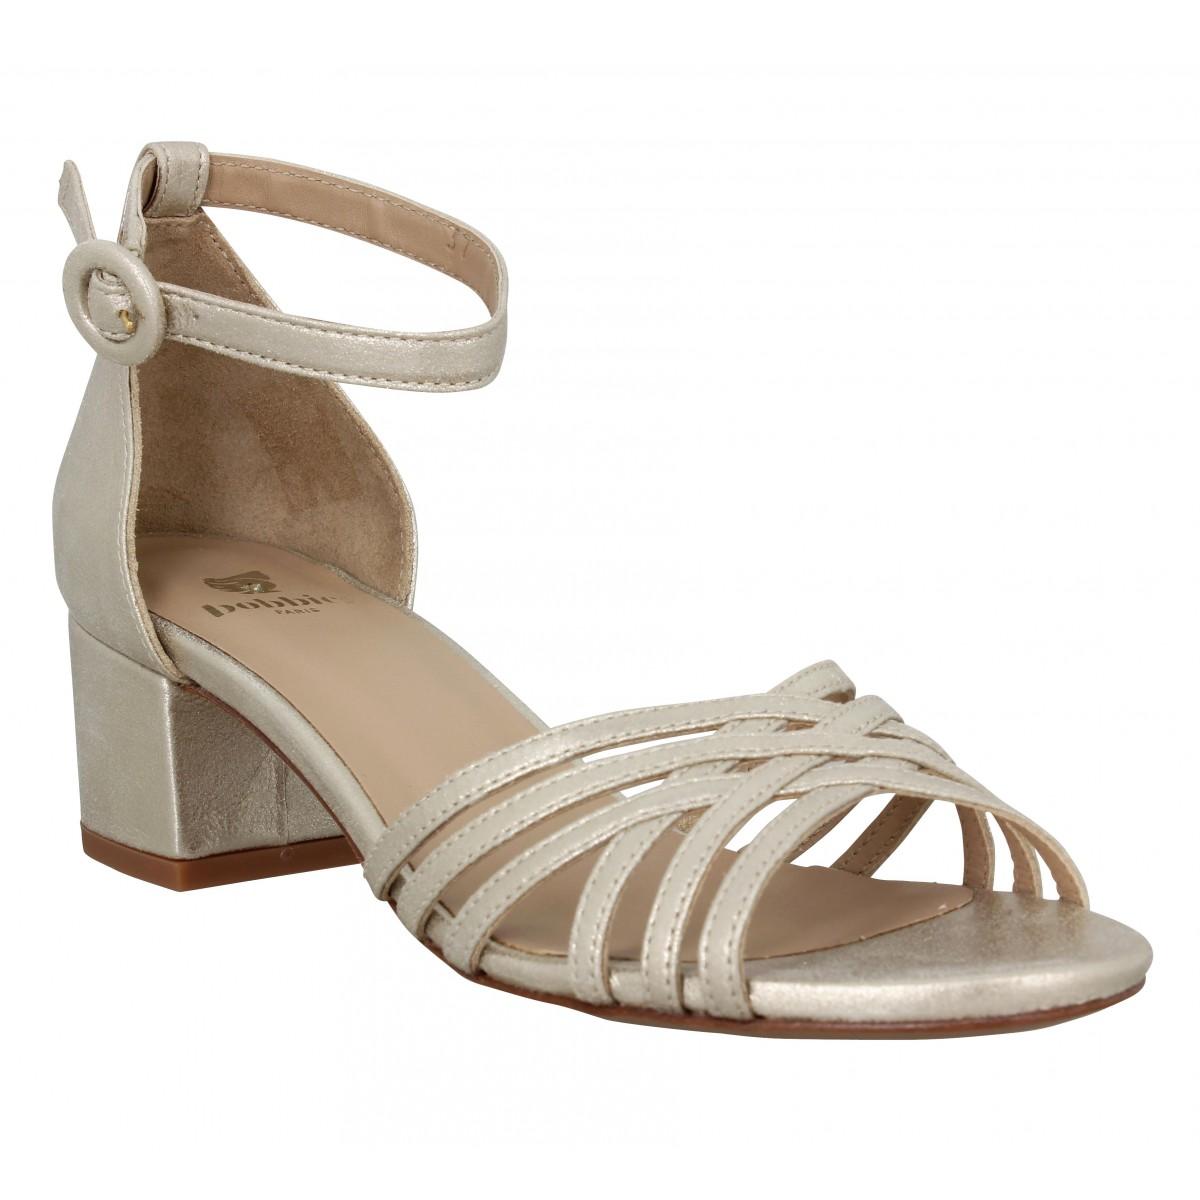 Sandales talons BOBBIES La Corinthienne cuir lame Femme Or Sable